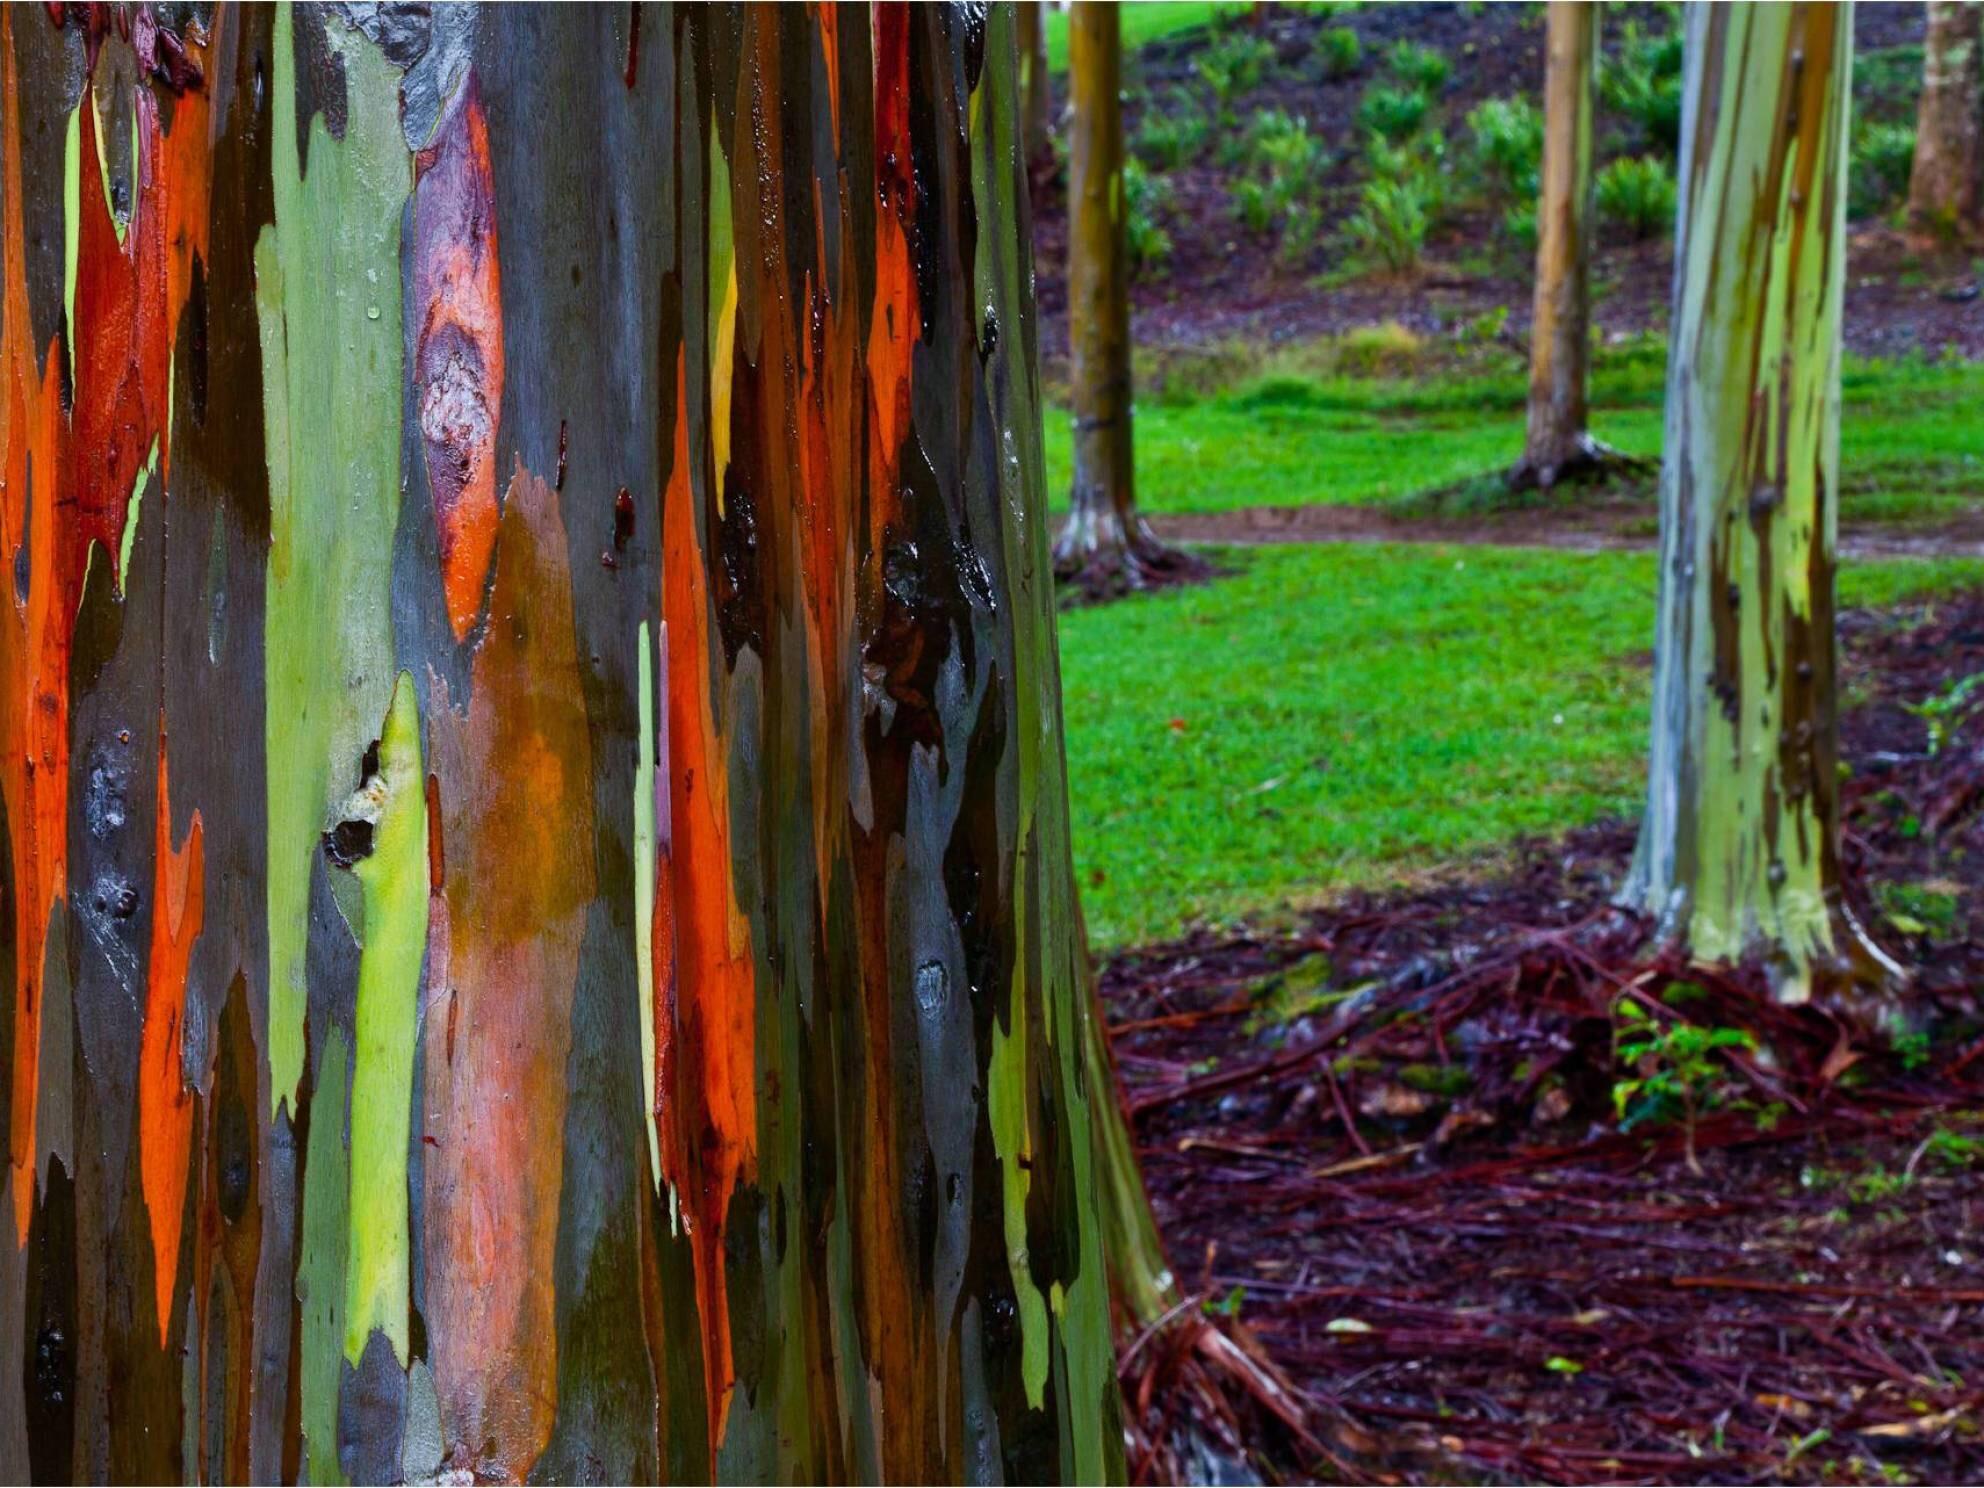 Image: Rainbow Eucalyptus Trees, Kaua'i Hawai'i Originally retrieved from :  ow.ly/Mvy08